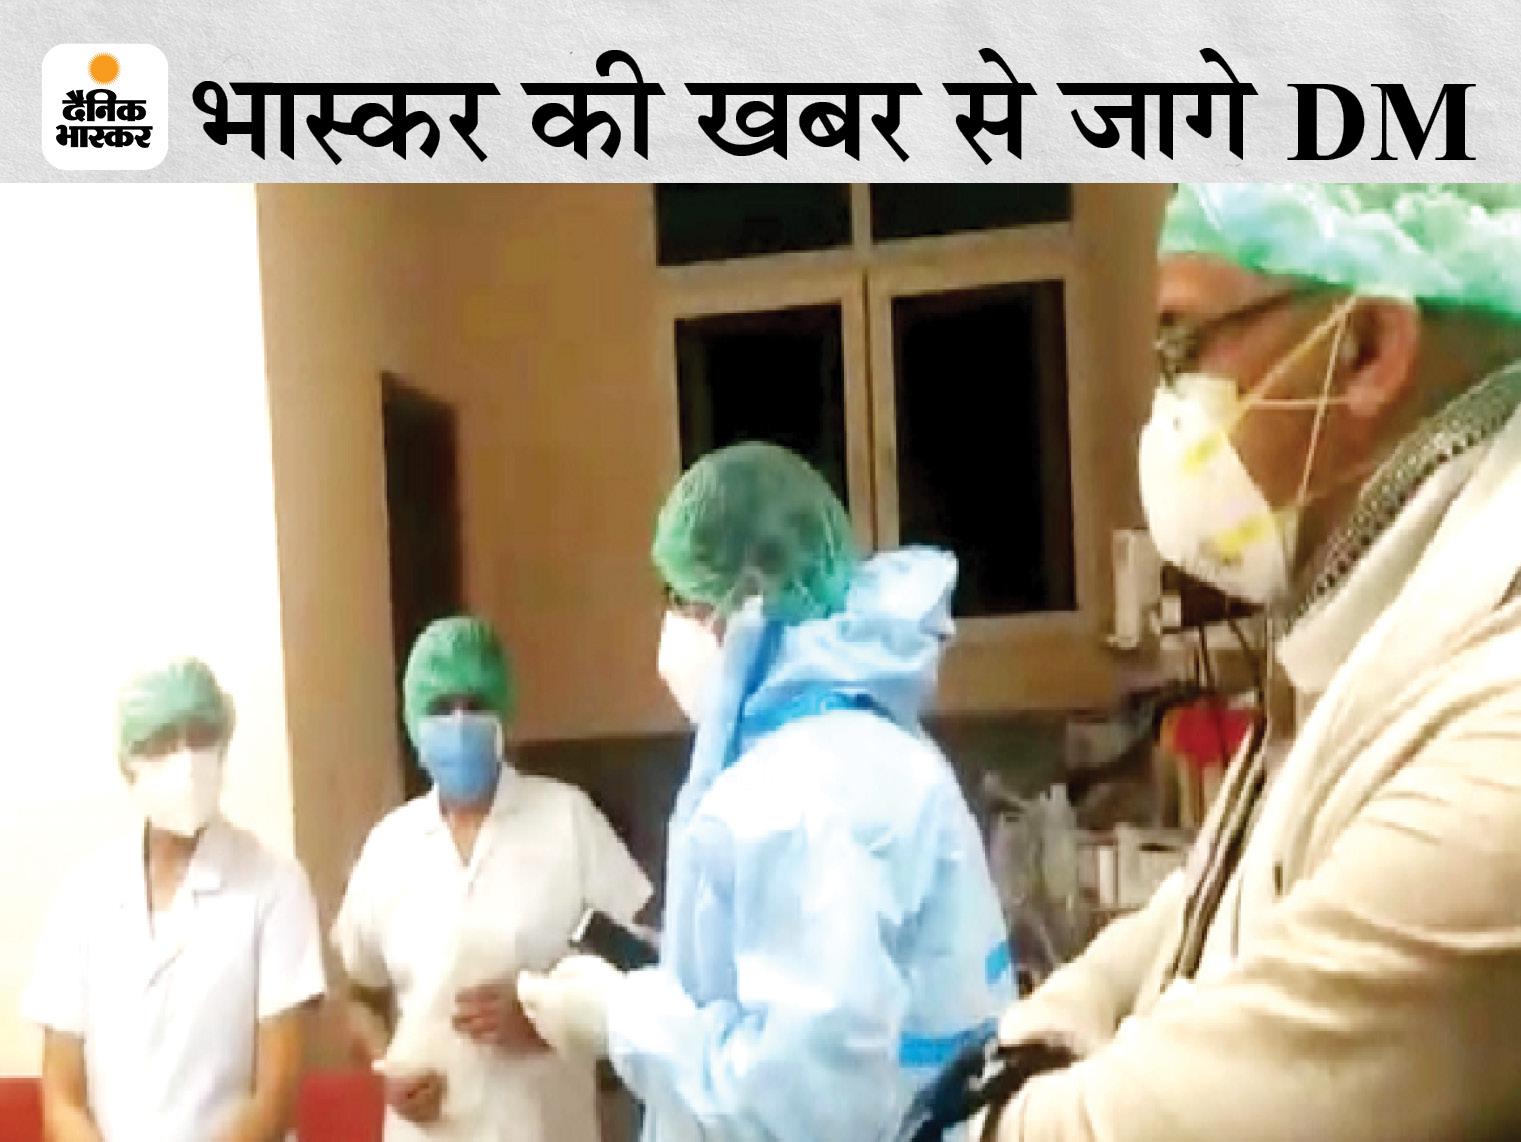 JNKTMCH में नर्सों से फीडबैक लेते DM श्याम बिहारी मीणा। - Dainik Bhaskar